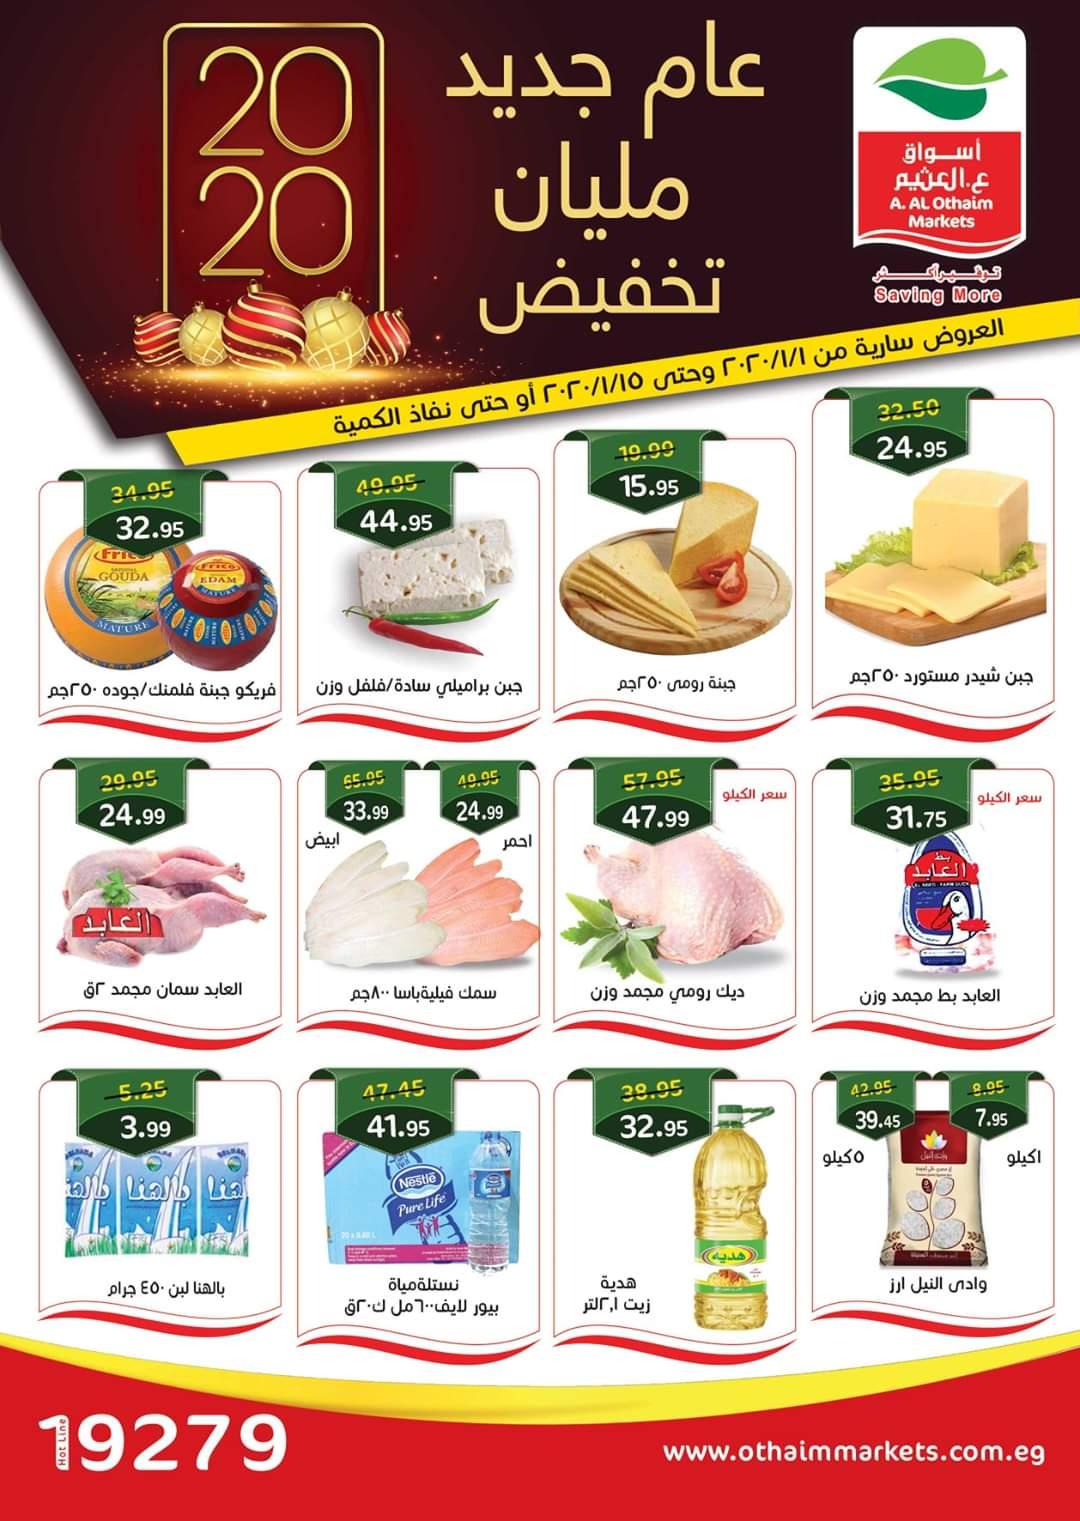 عروض اسواق العثيم مصر من 1 يناير حتى 15 يناير 2020